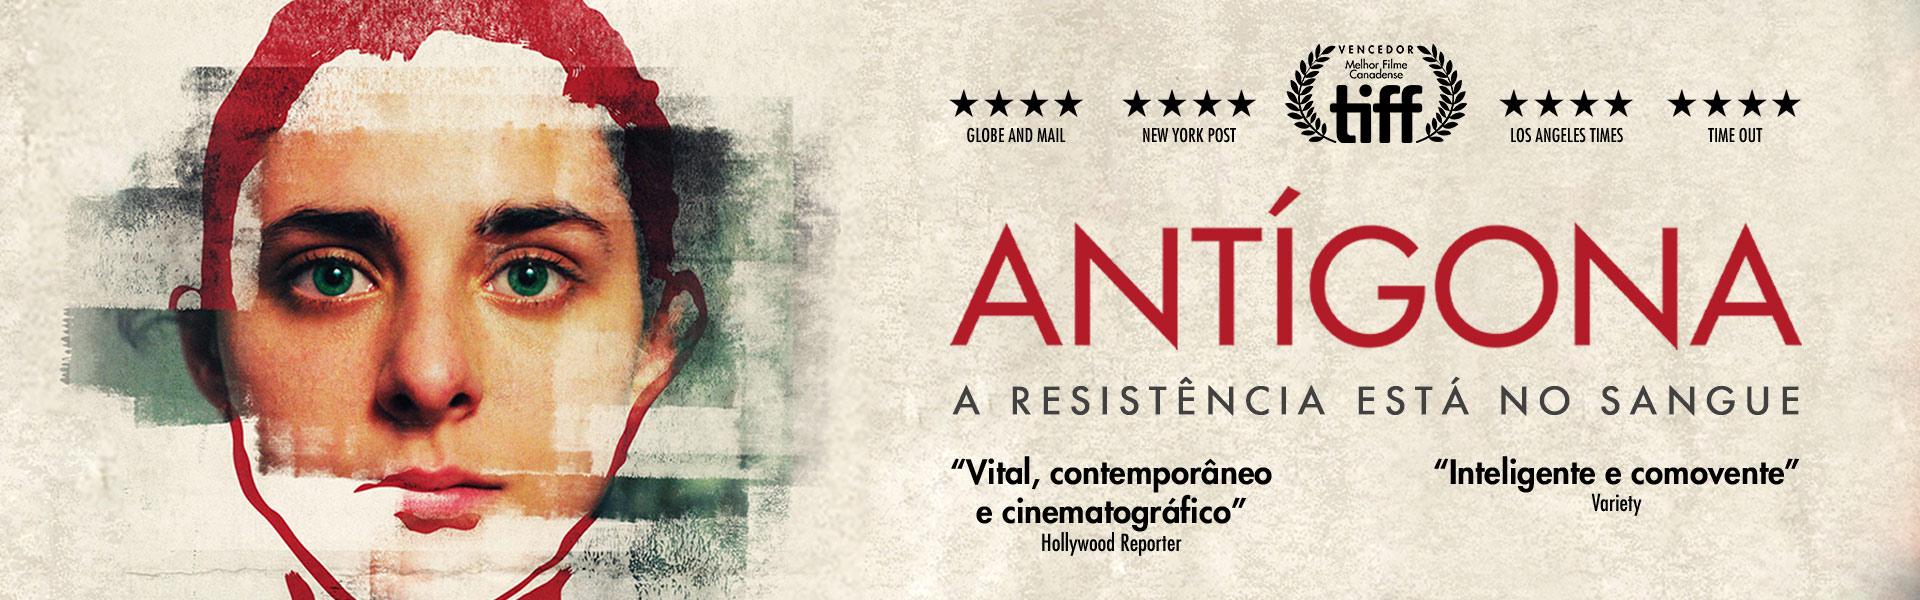 Antígona - A Resistência está no Sangue